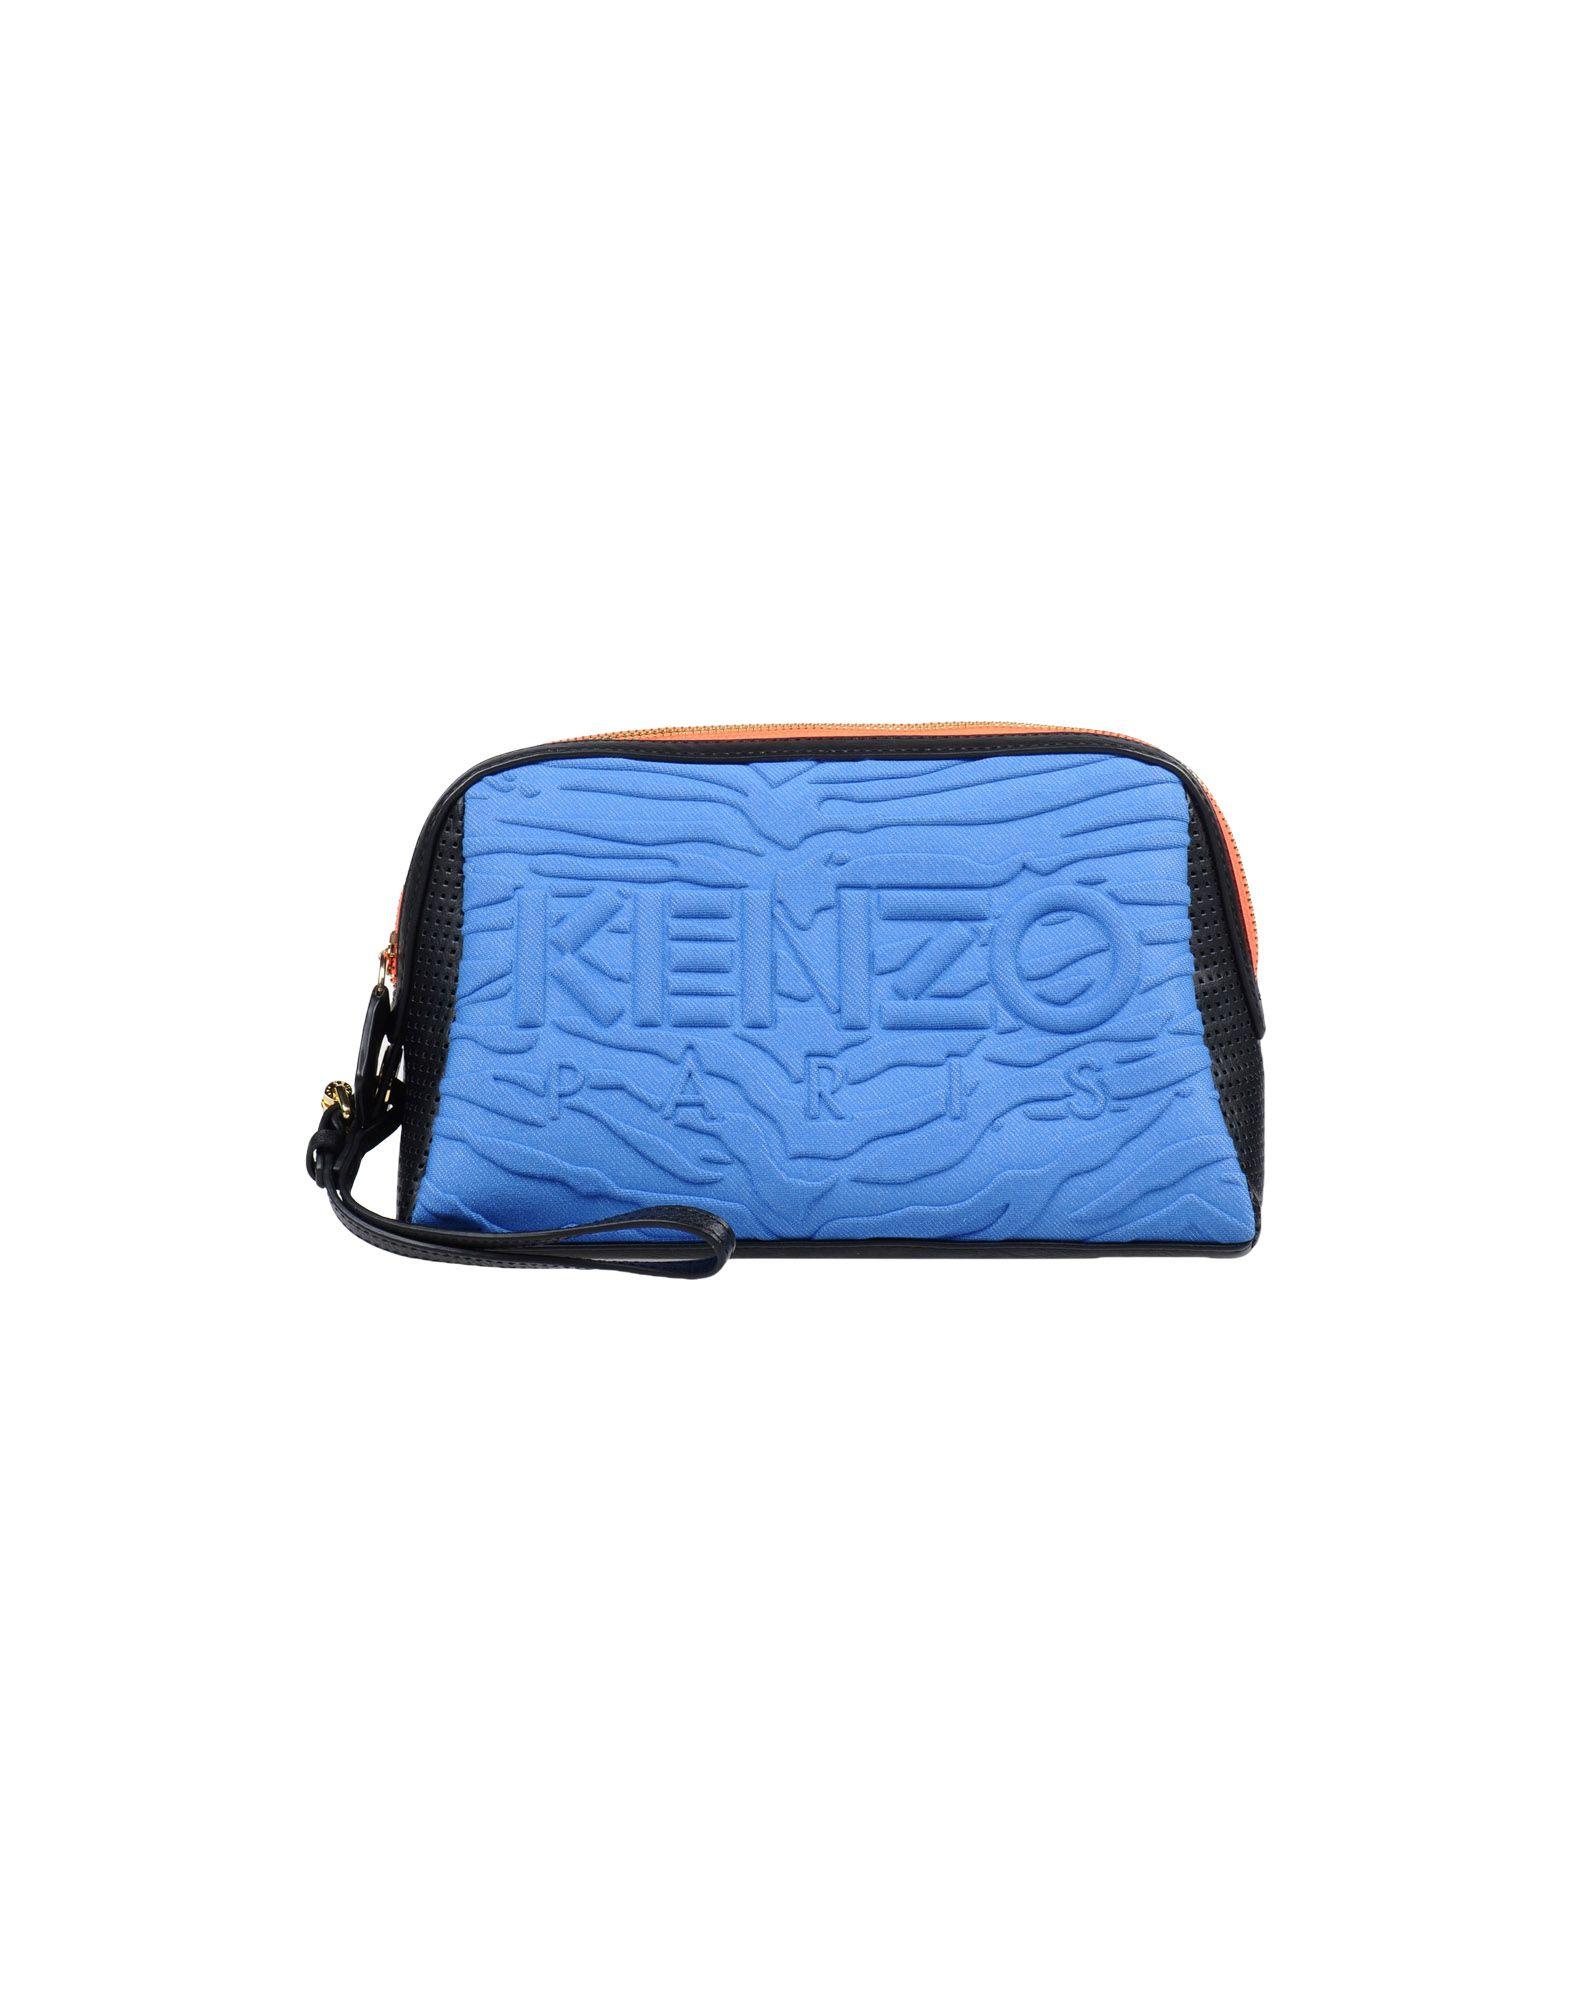 KENZO Beauty case hydrogen beauty case